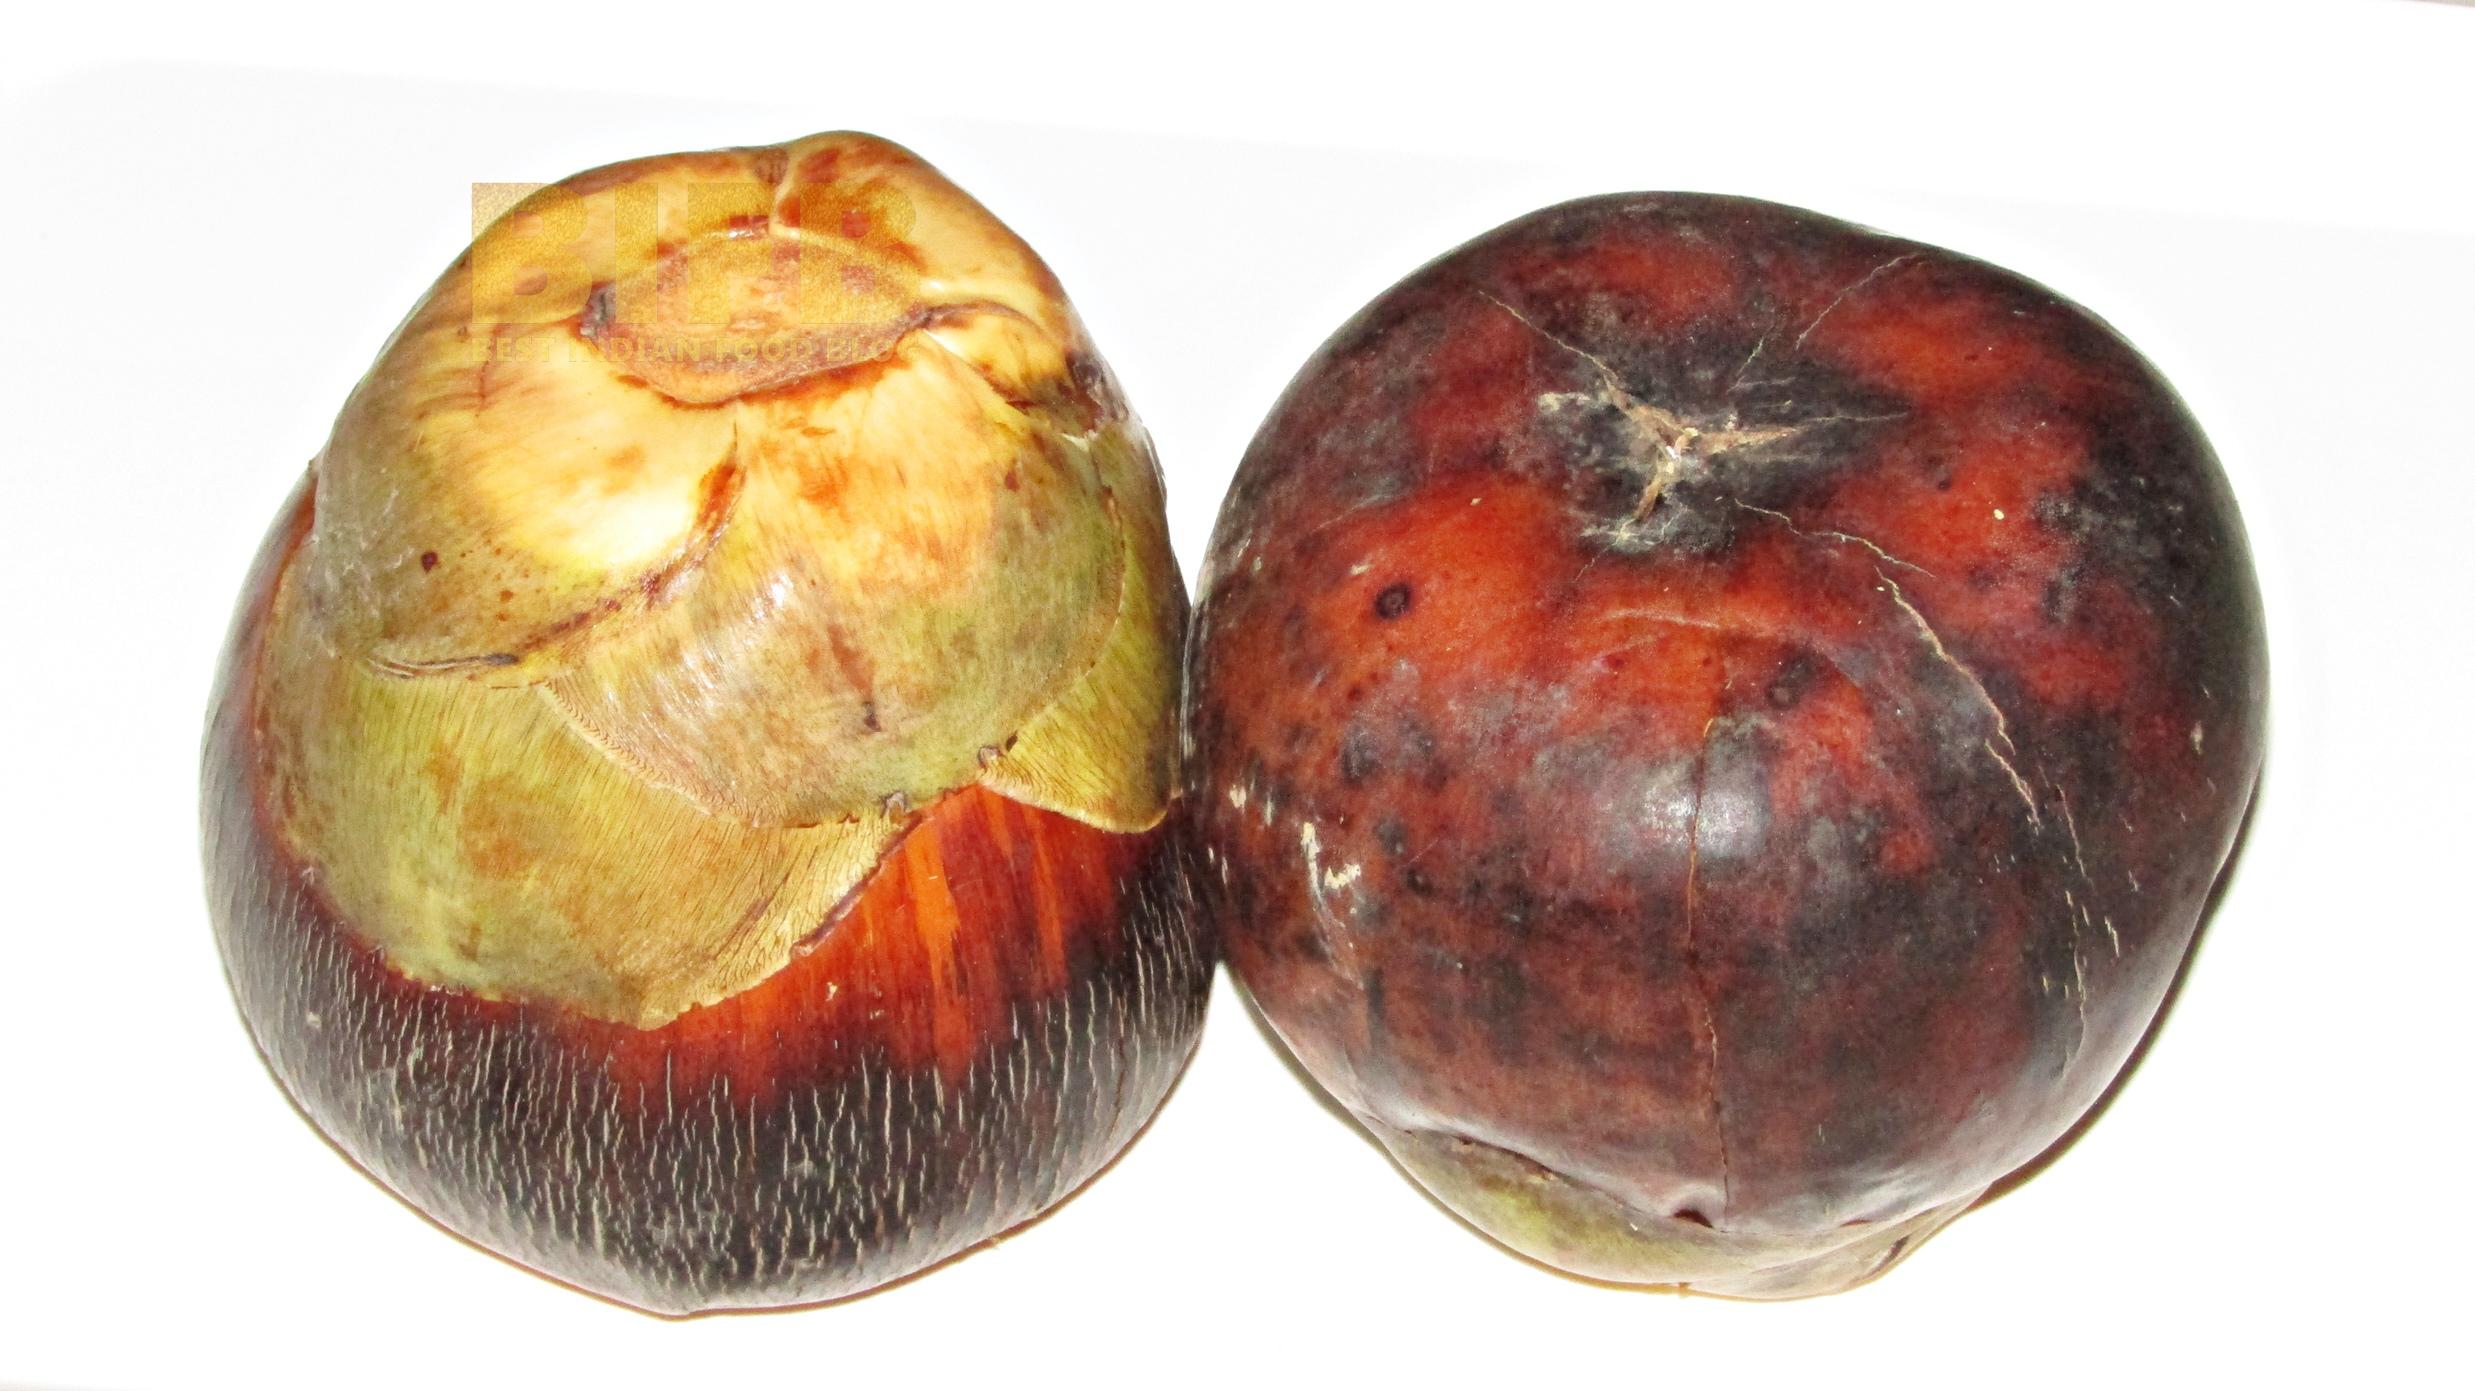 Palmyra fruit